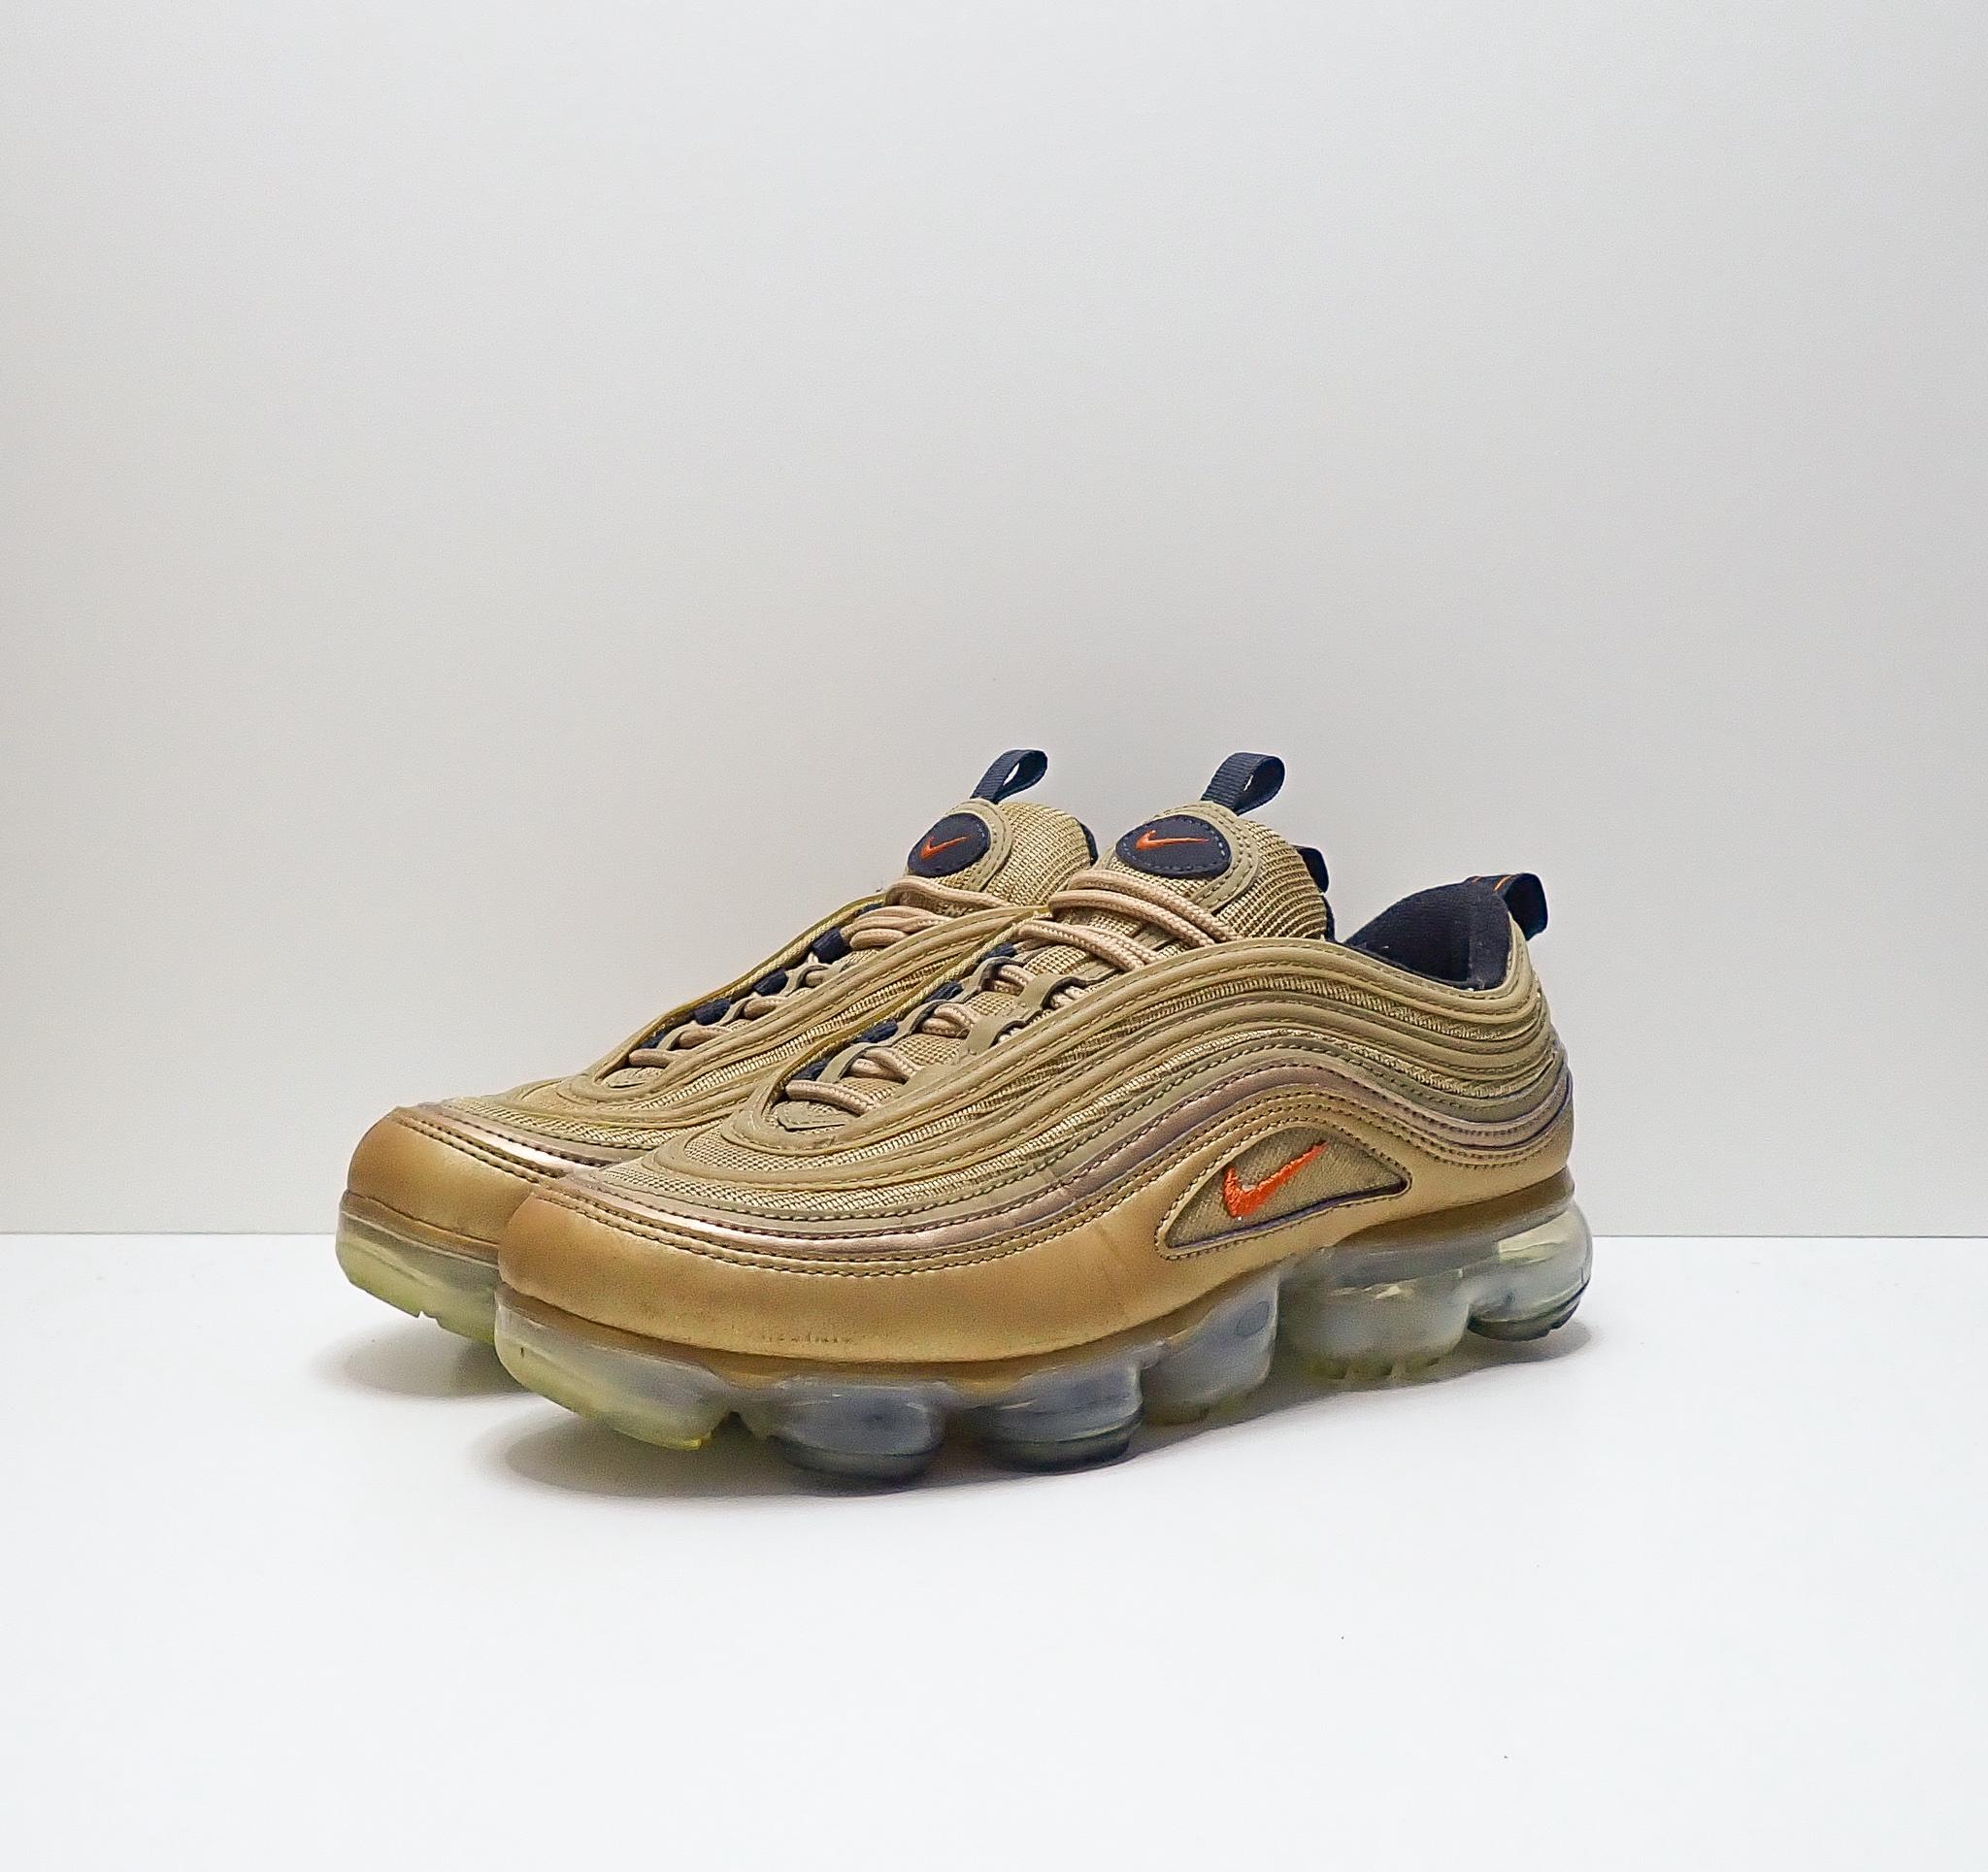 Nike Air Vapormax 97 Blur